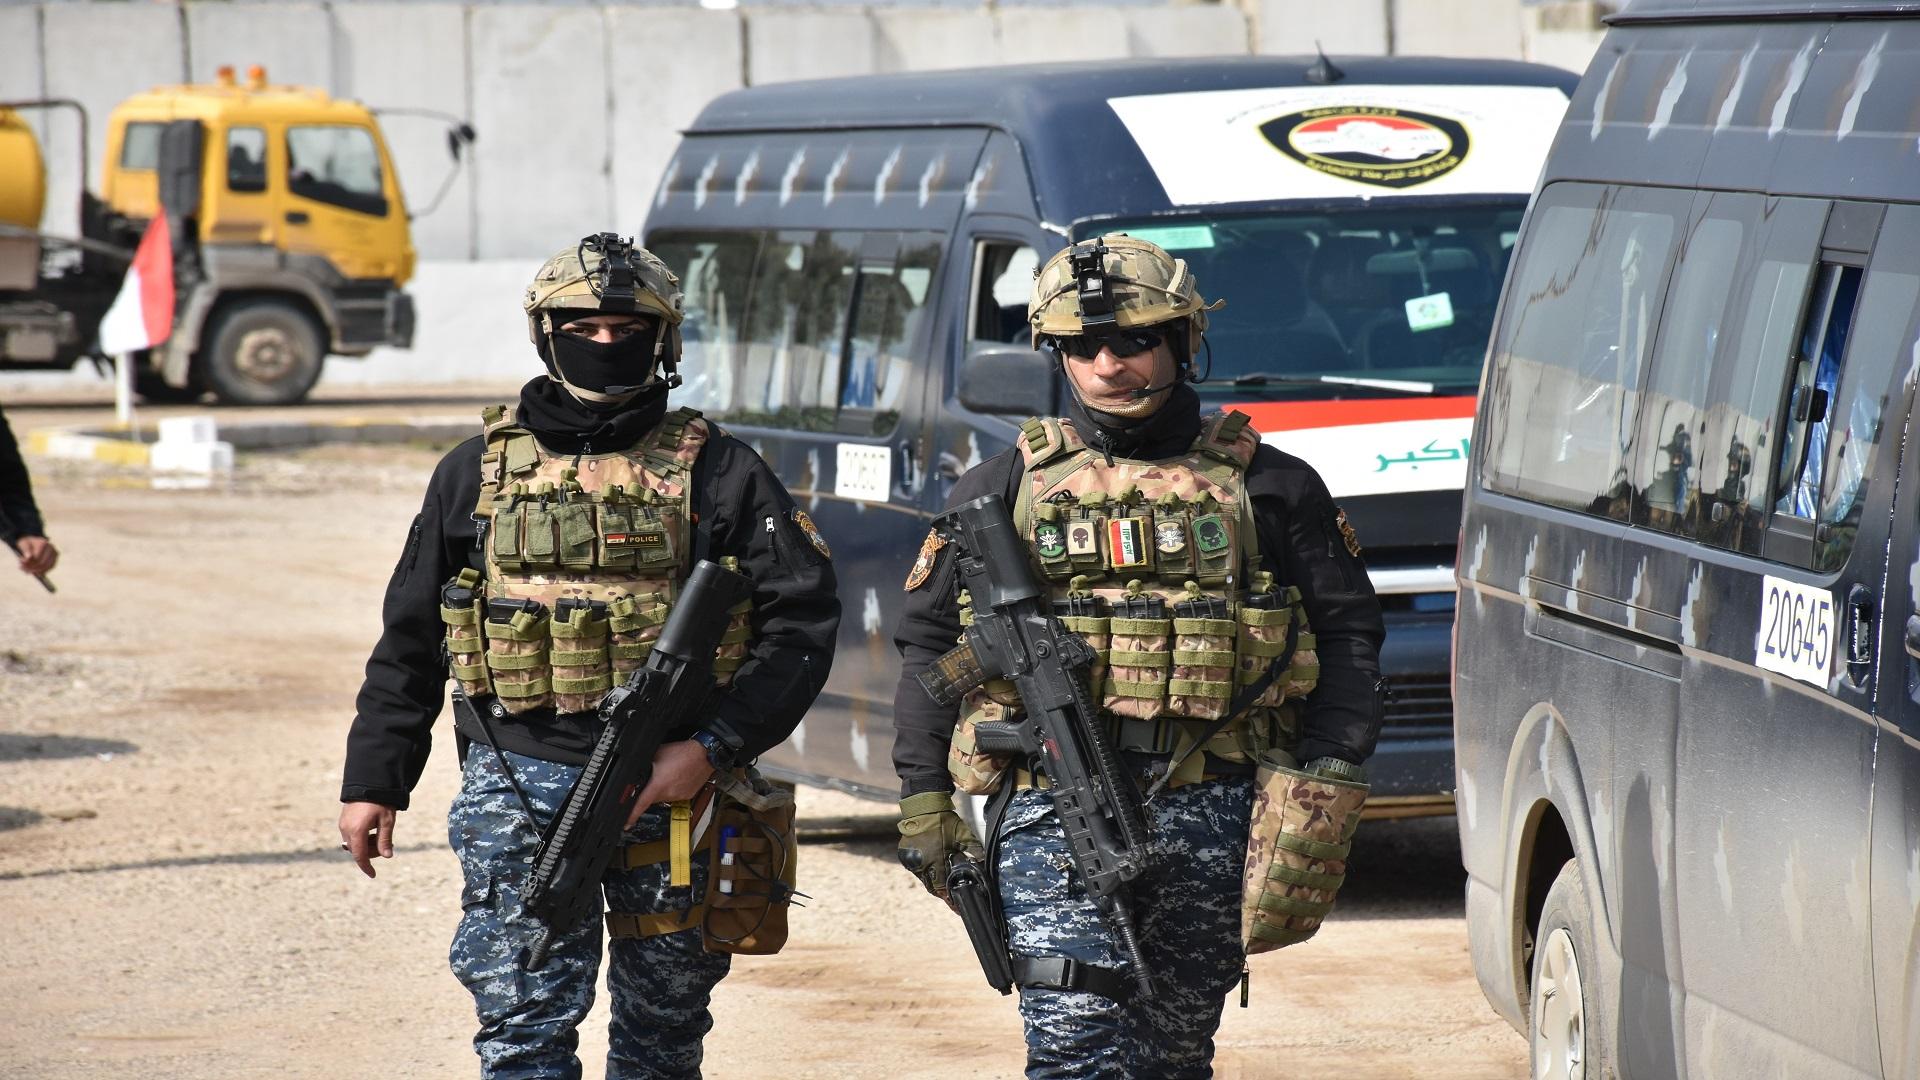 بتهمة الانتماء لداعش...الأمن العراقي يعتقل أكثر من 100 شخص